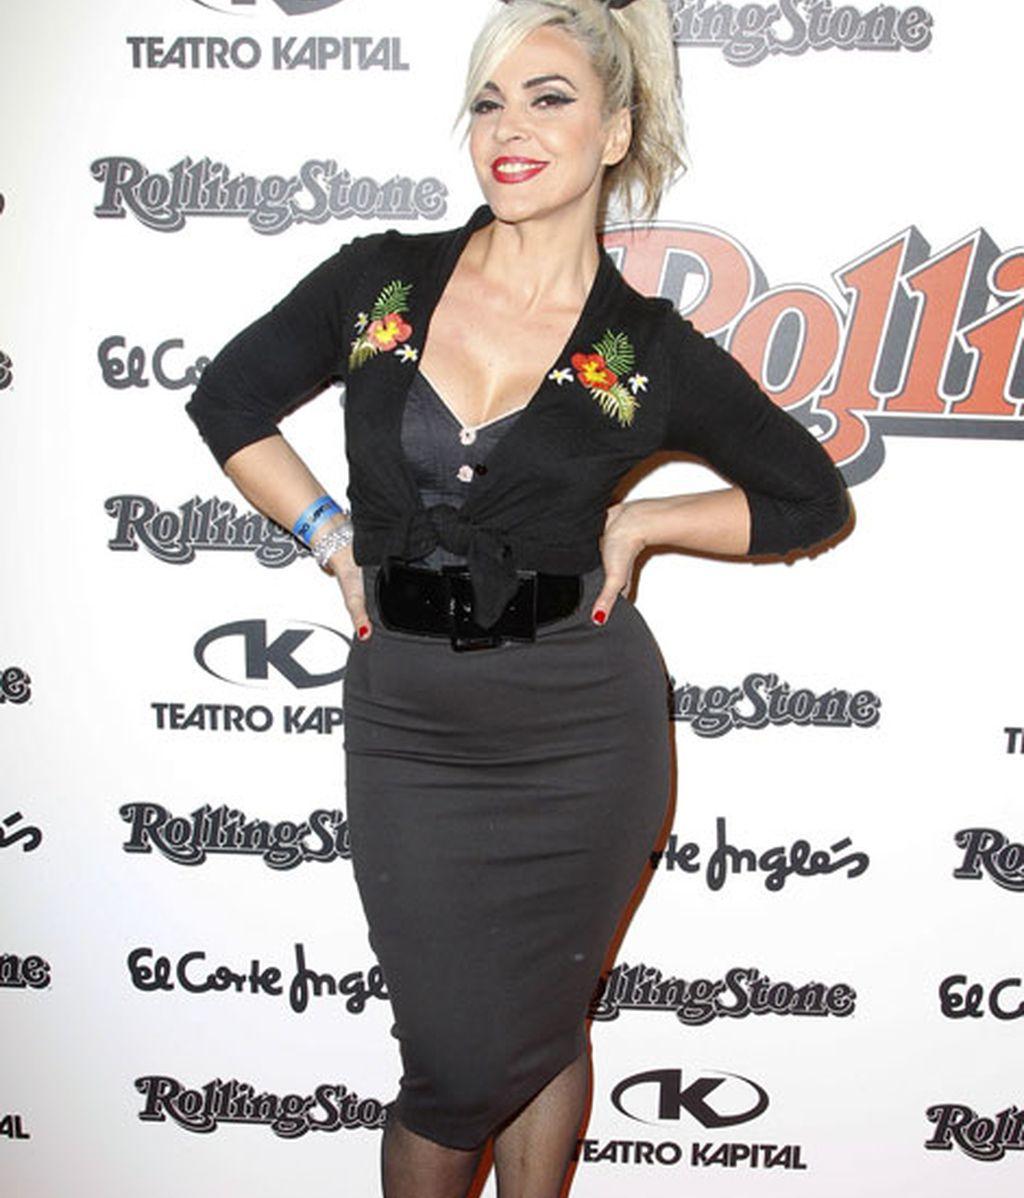 La cantante Silvia Superstar lució un look muy 'pin up'